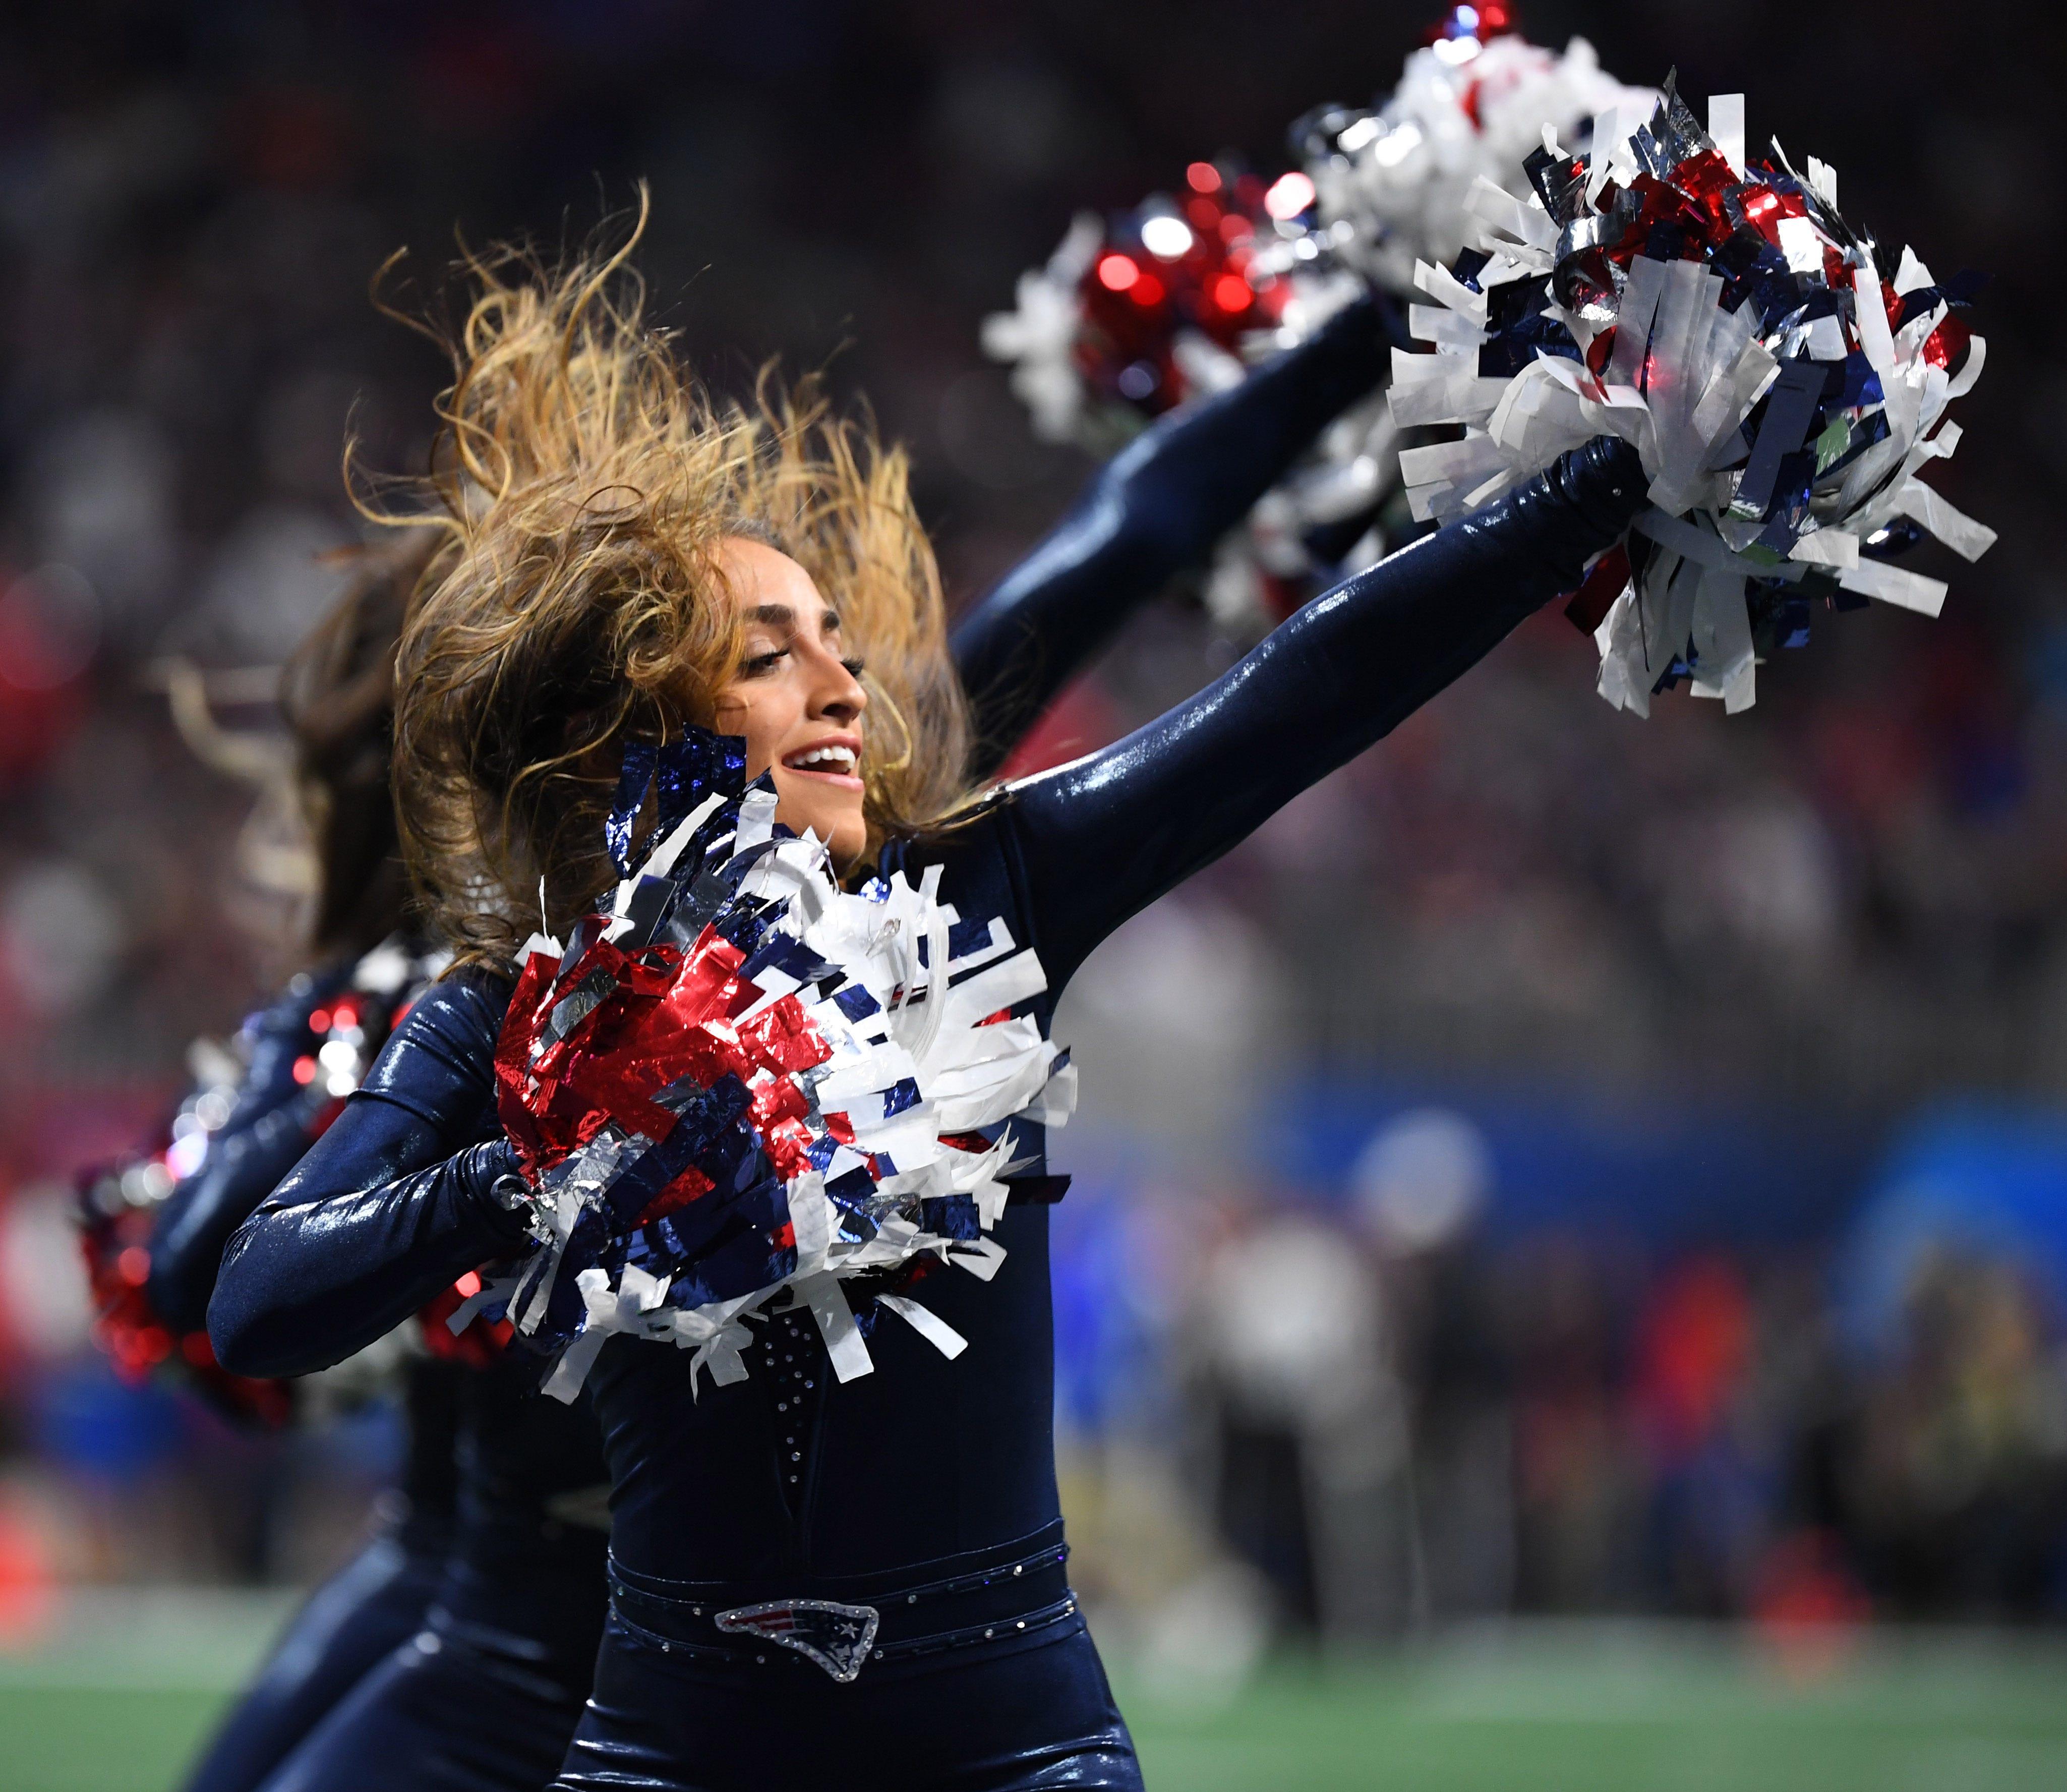 Super Bowl LIII: New England Patriots